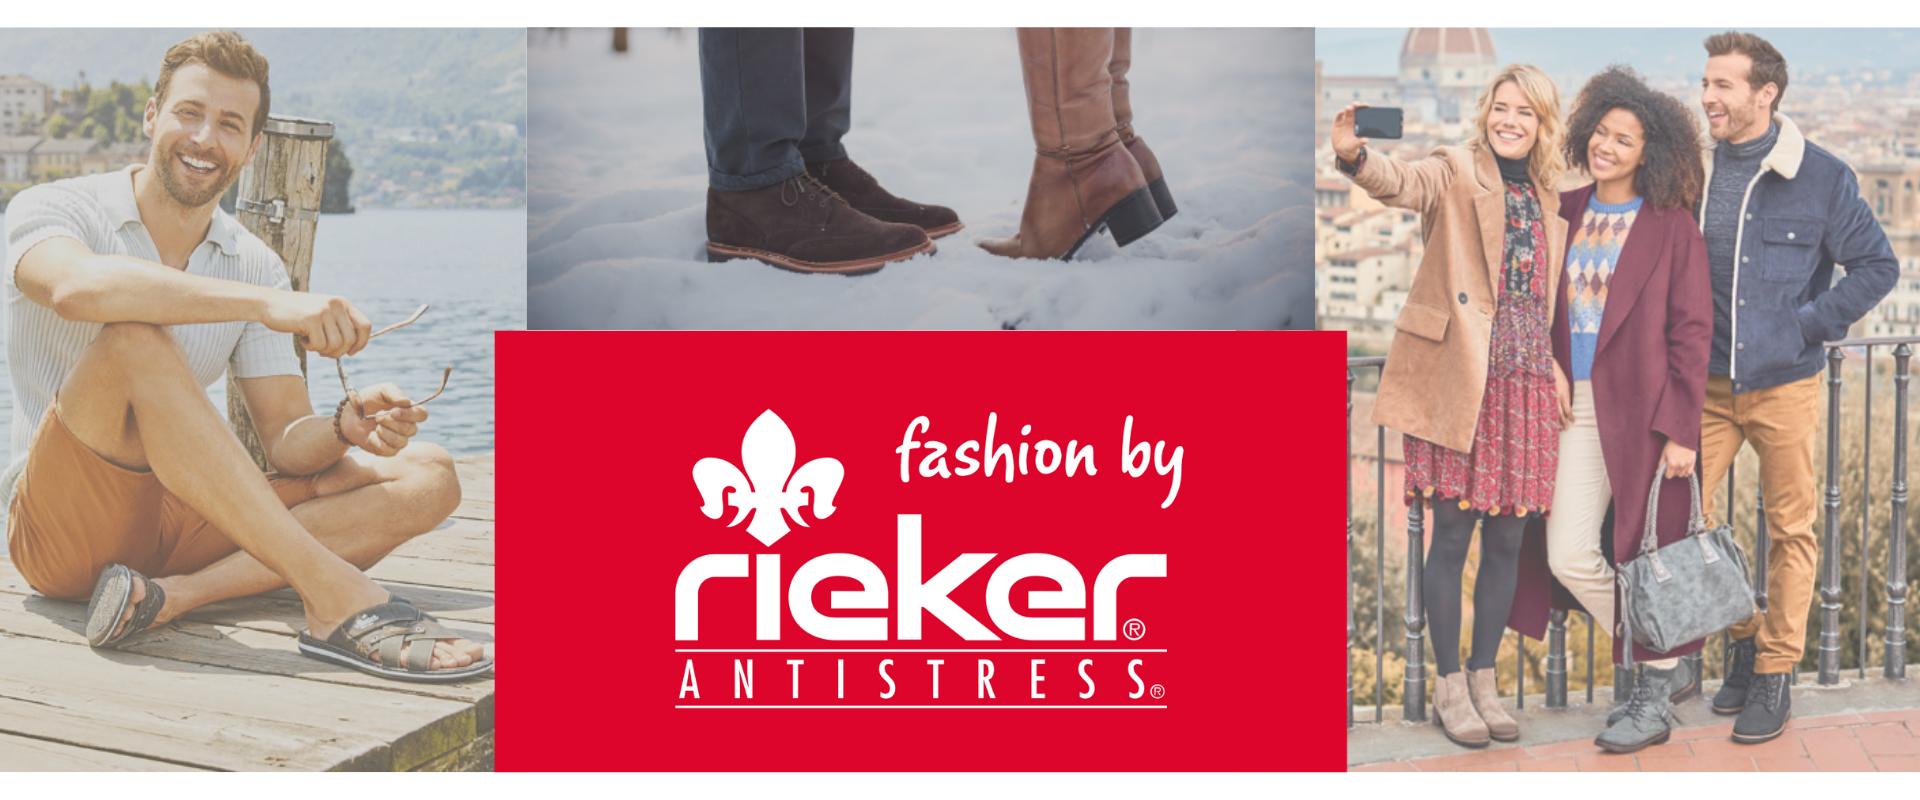 rieker-brand-banner.png